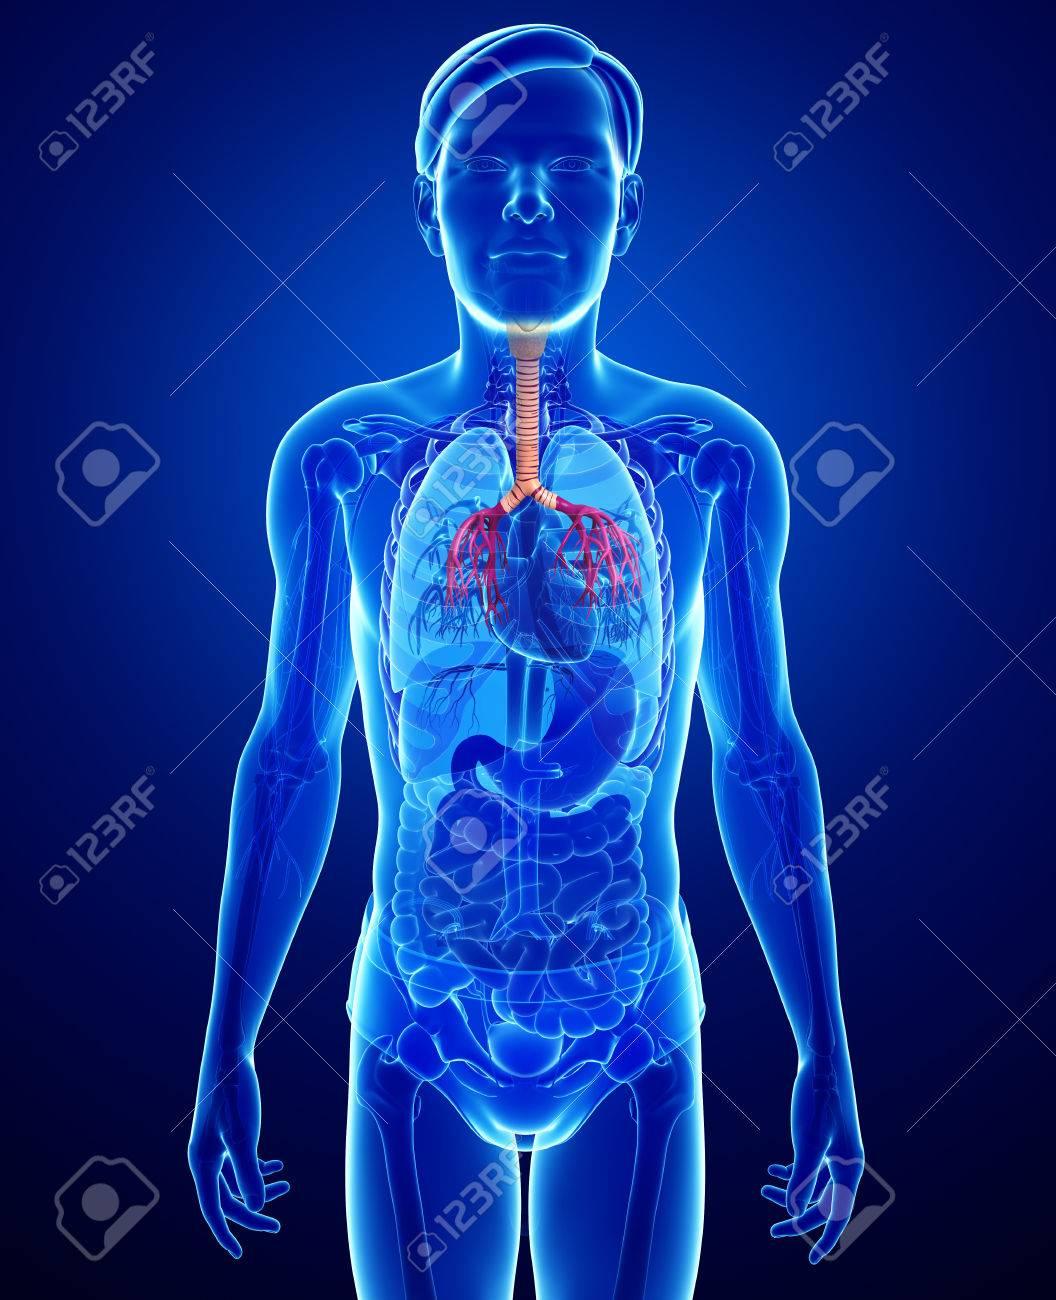 Ilustración De La Anatomía De La Garganta Masculina Fotos, Retratos ...